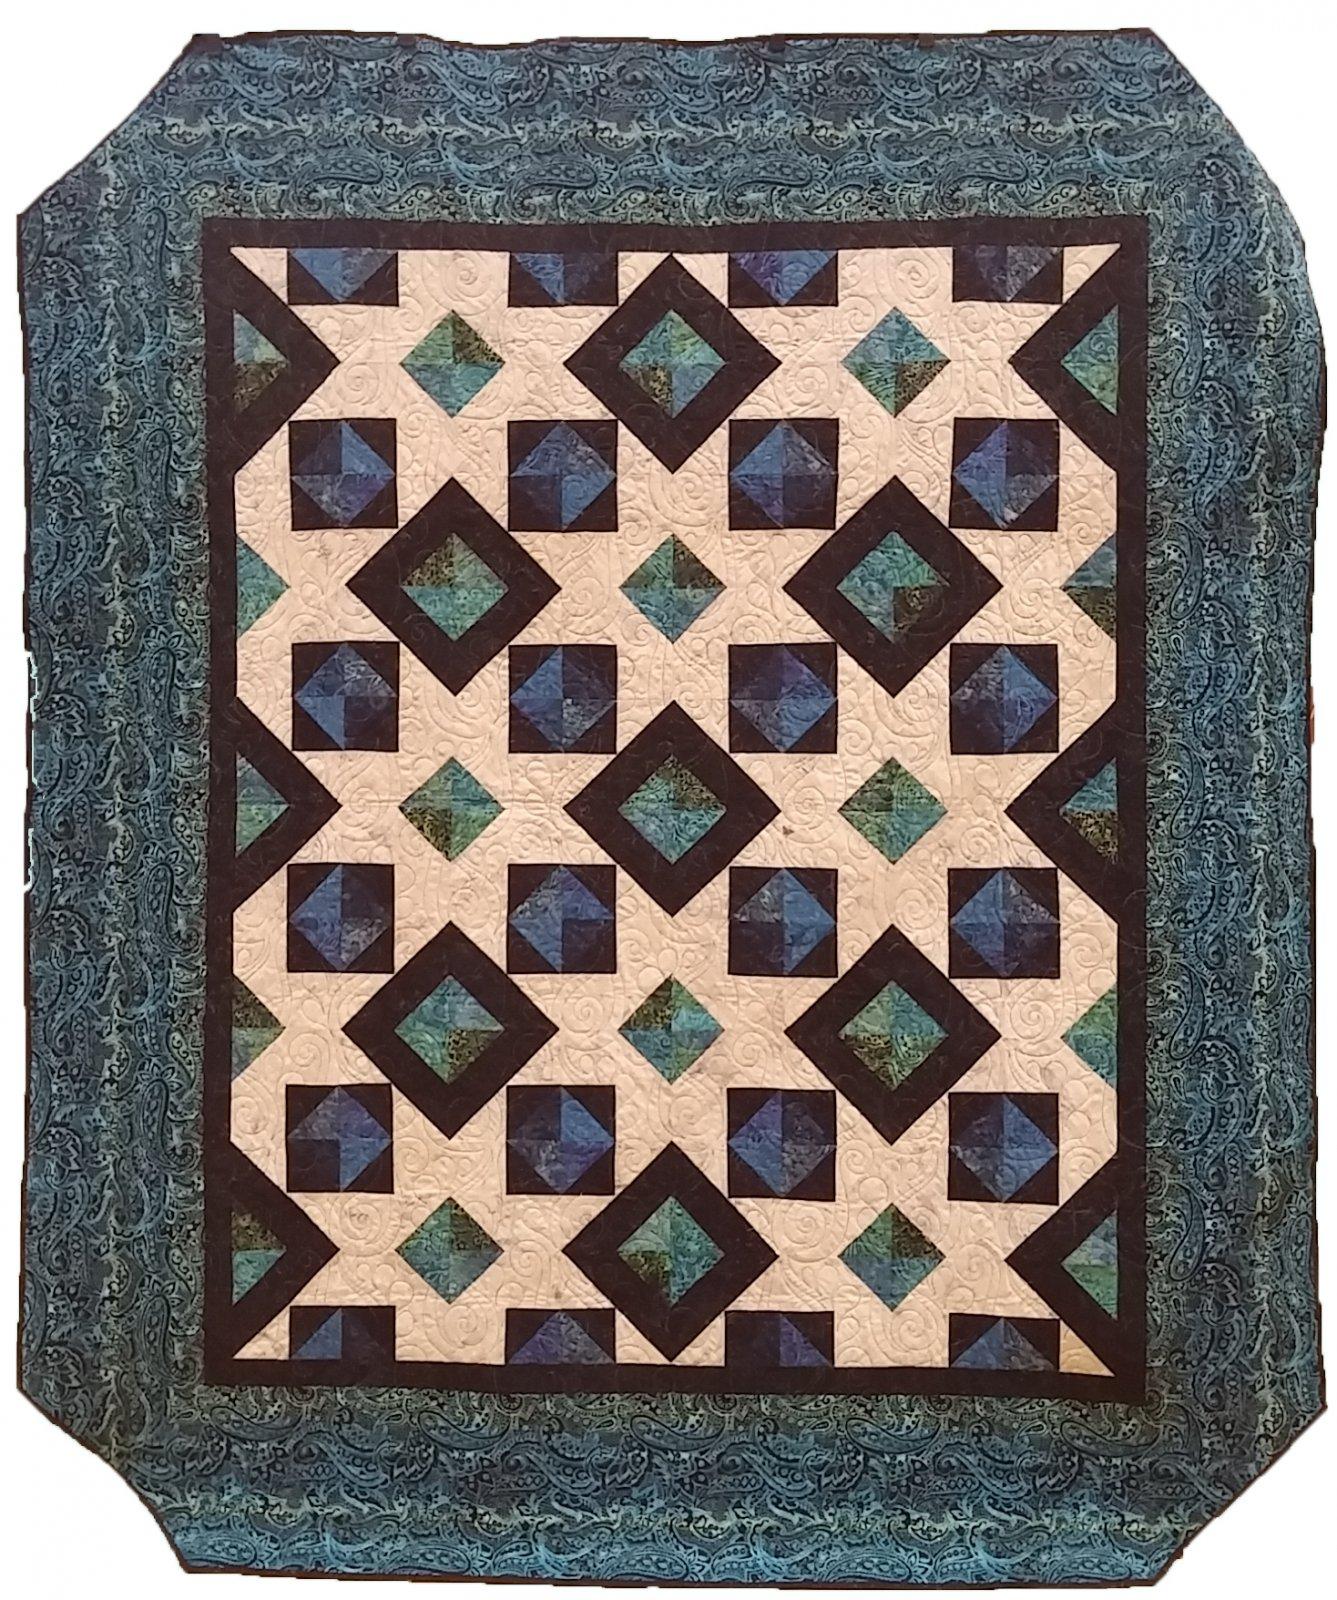 Jewels Kit - Jinny Beyer Fabrics - Full Size